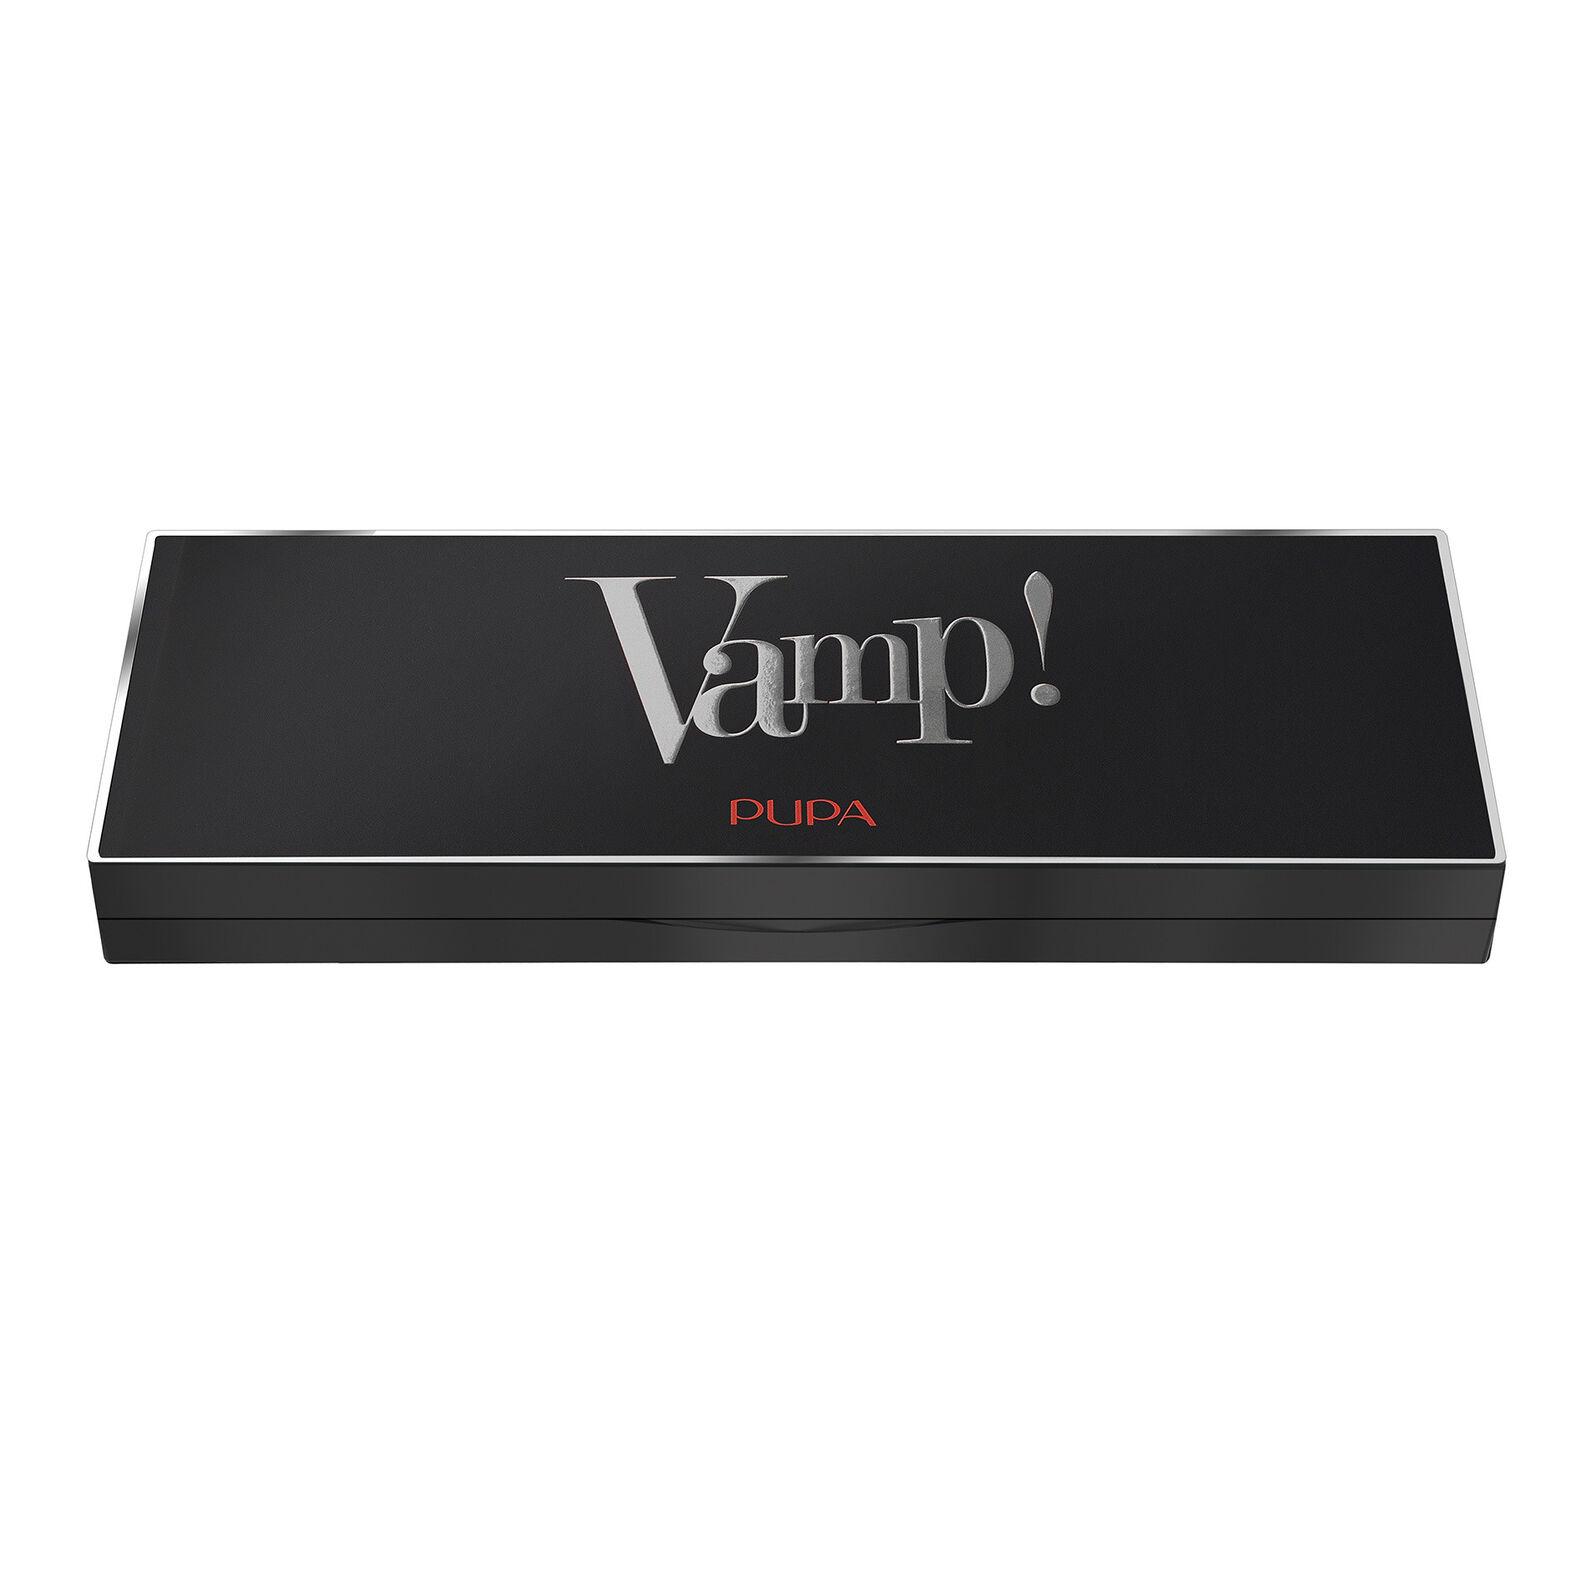 BEAUTY BOX VAMP!